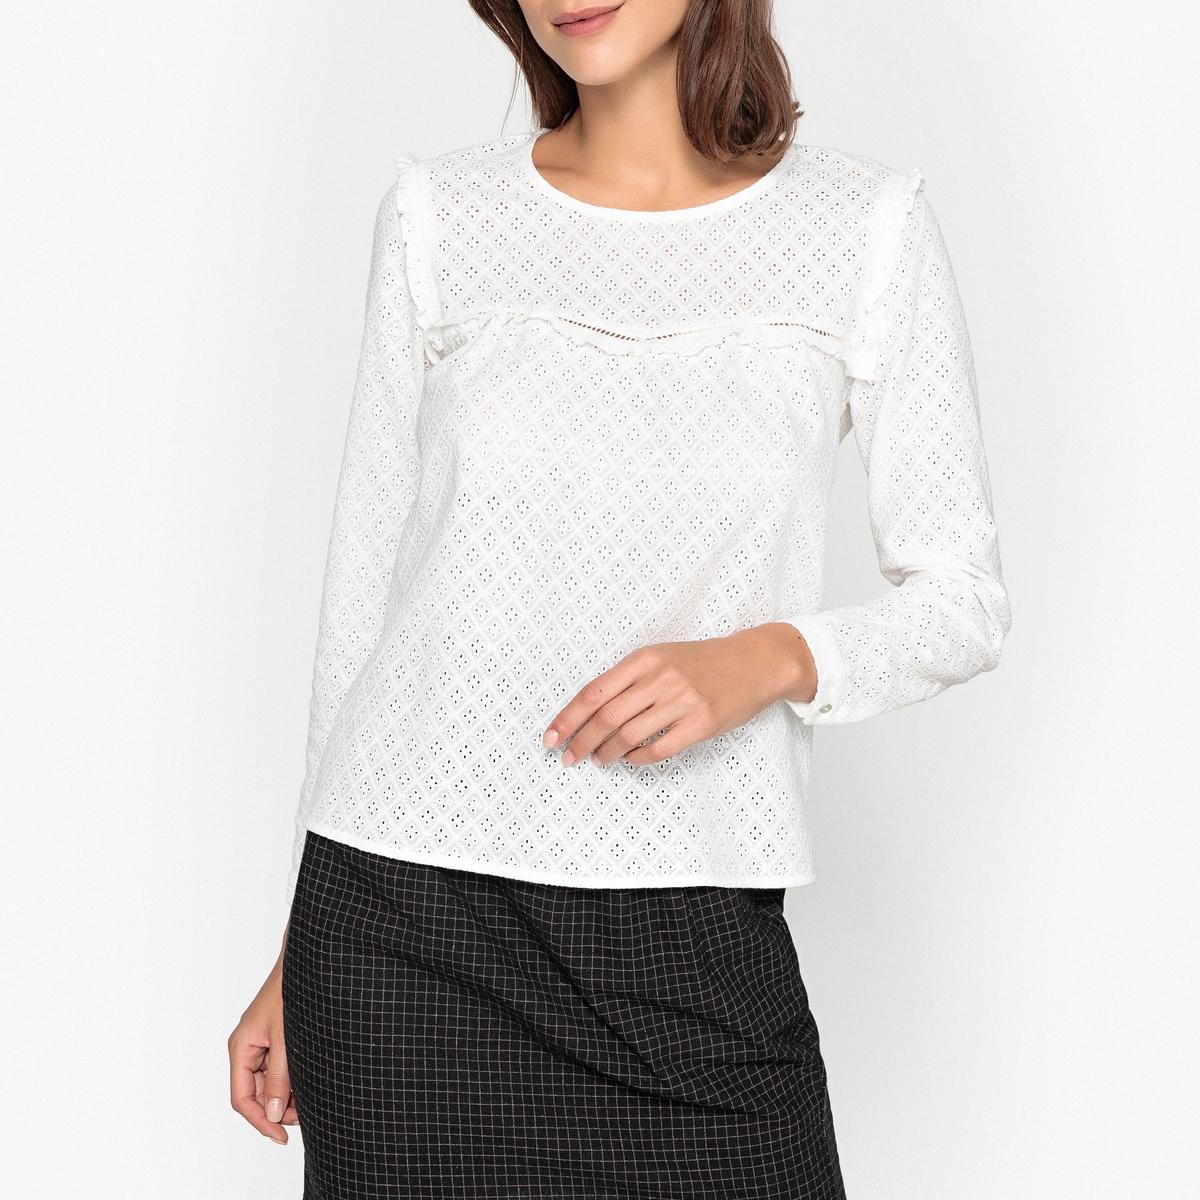 Блузка с английской вышивкой и воланом ACENE блузка с вышивкой в стиле фолк